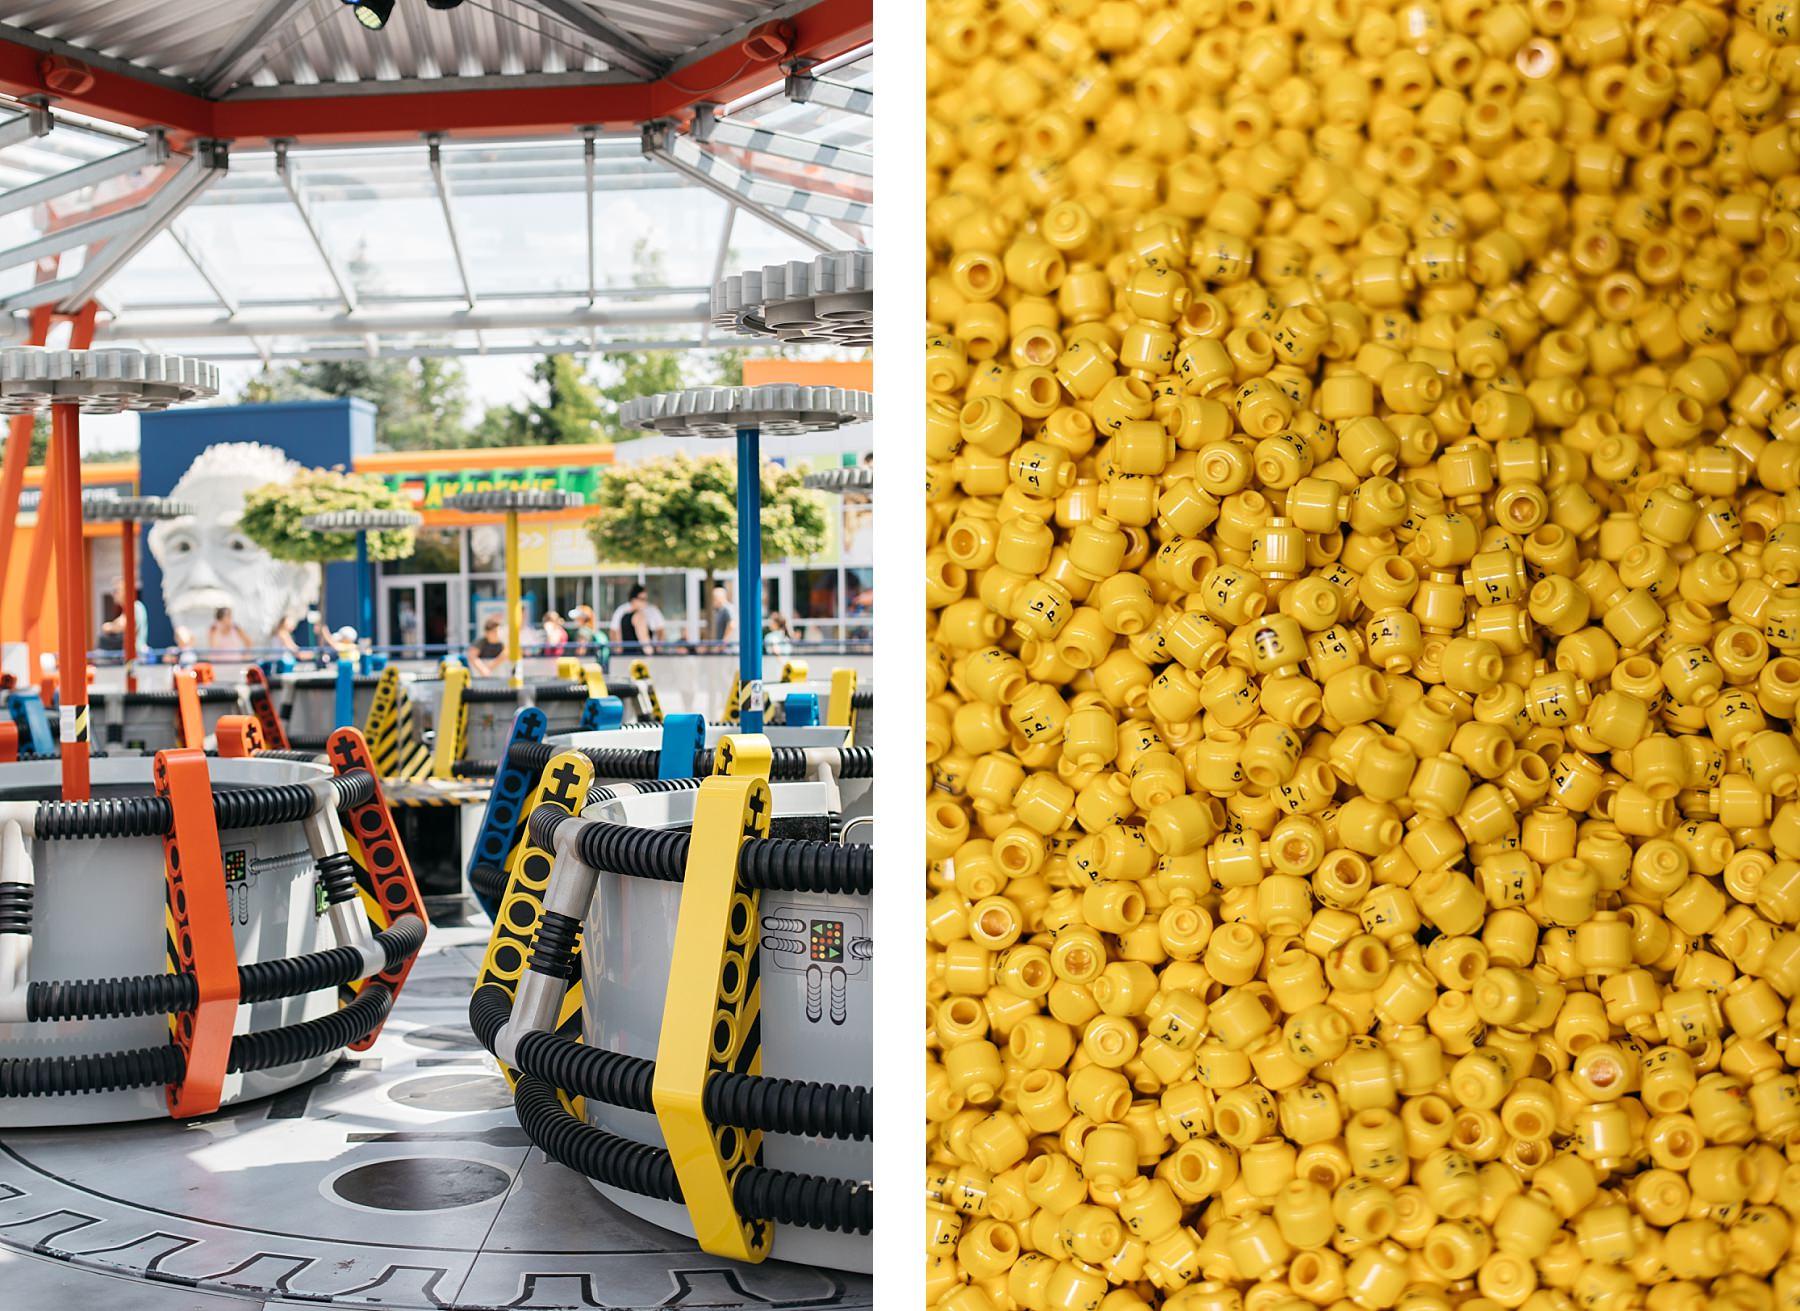 Legoland - 57 millions de briques Lego 39